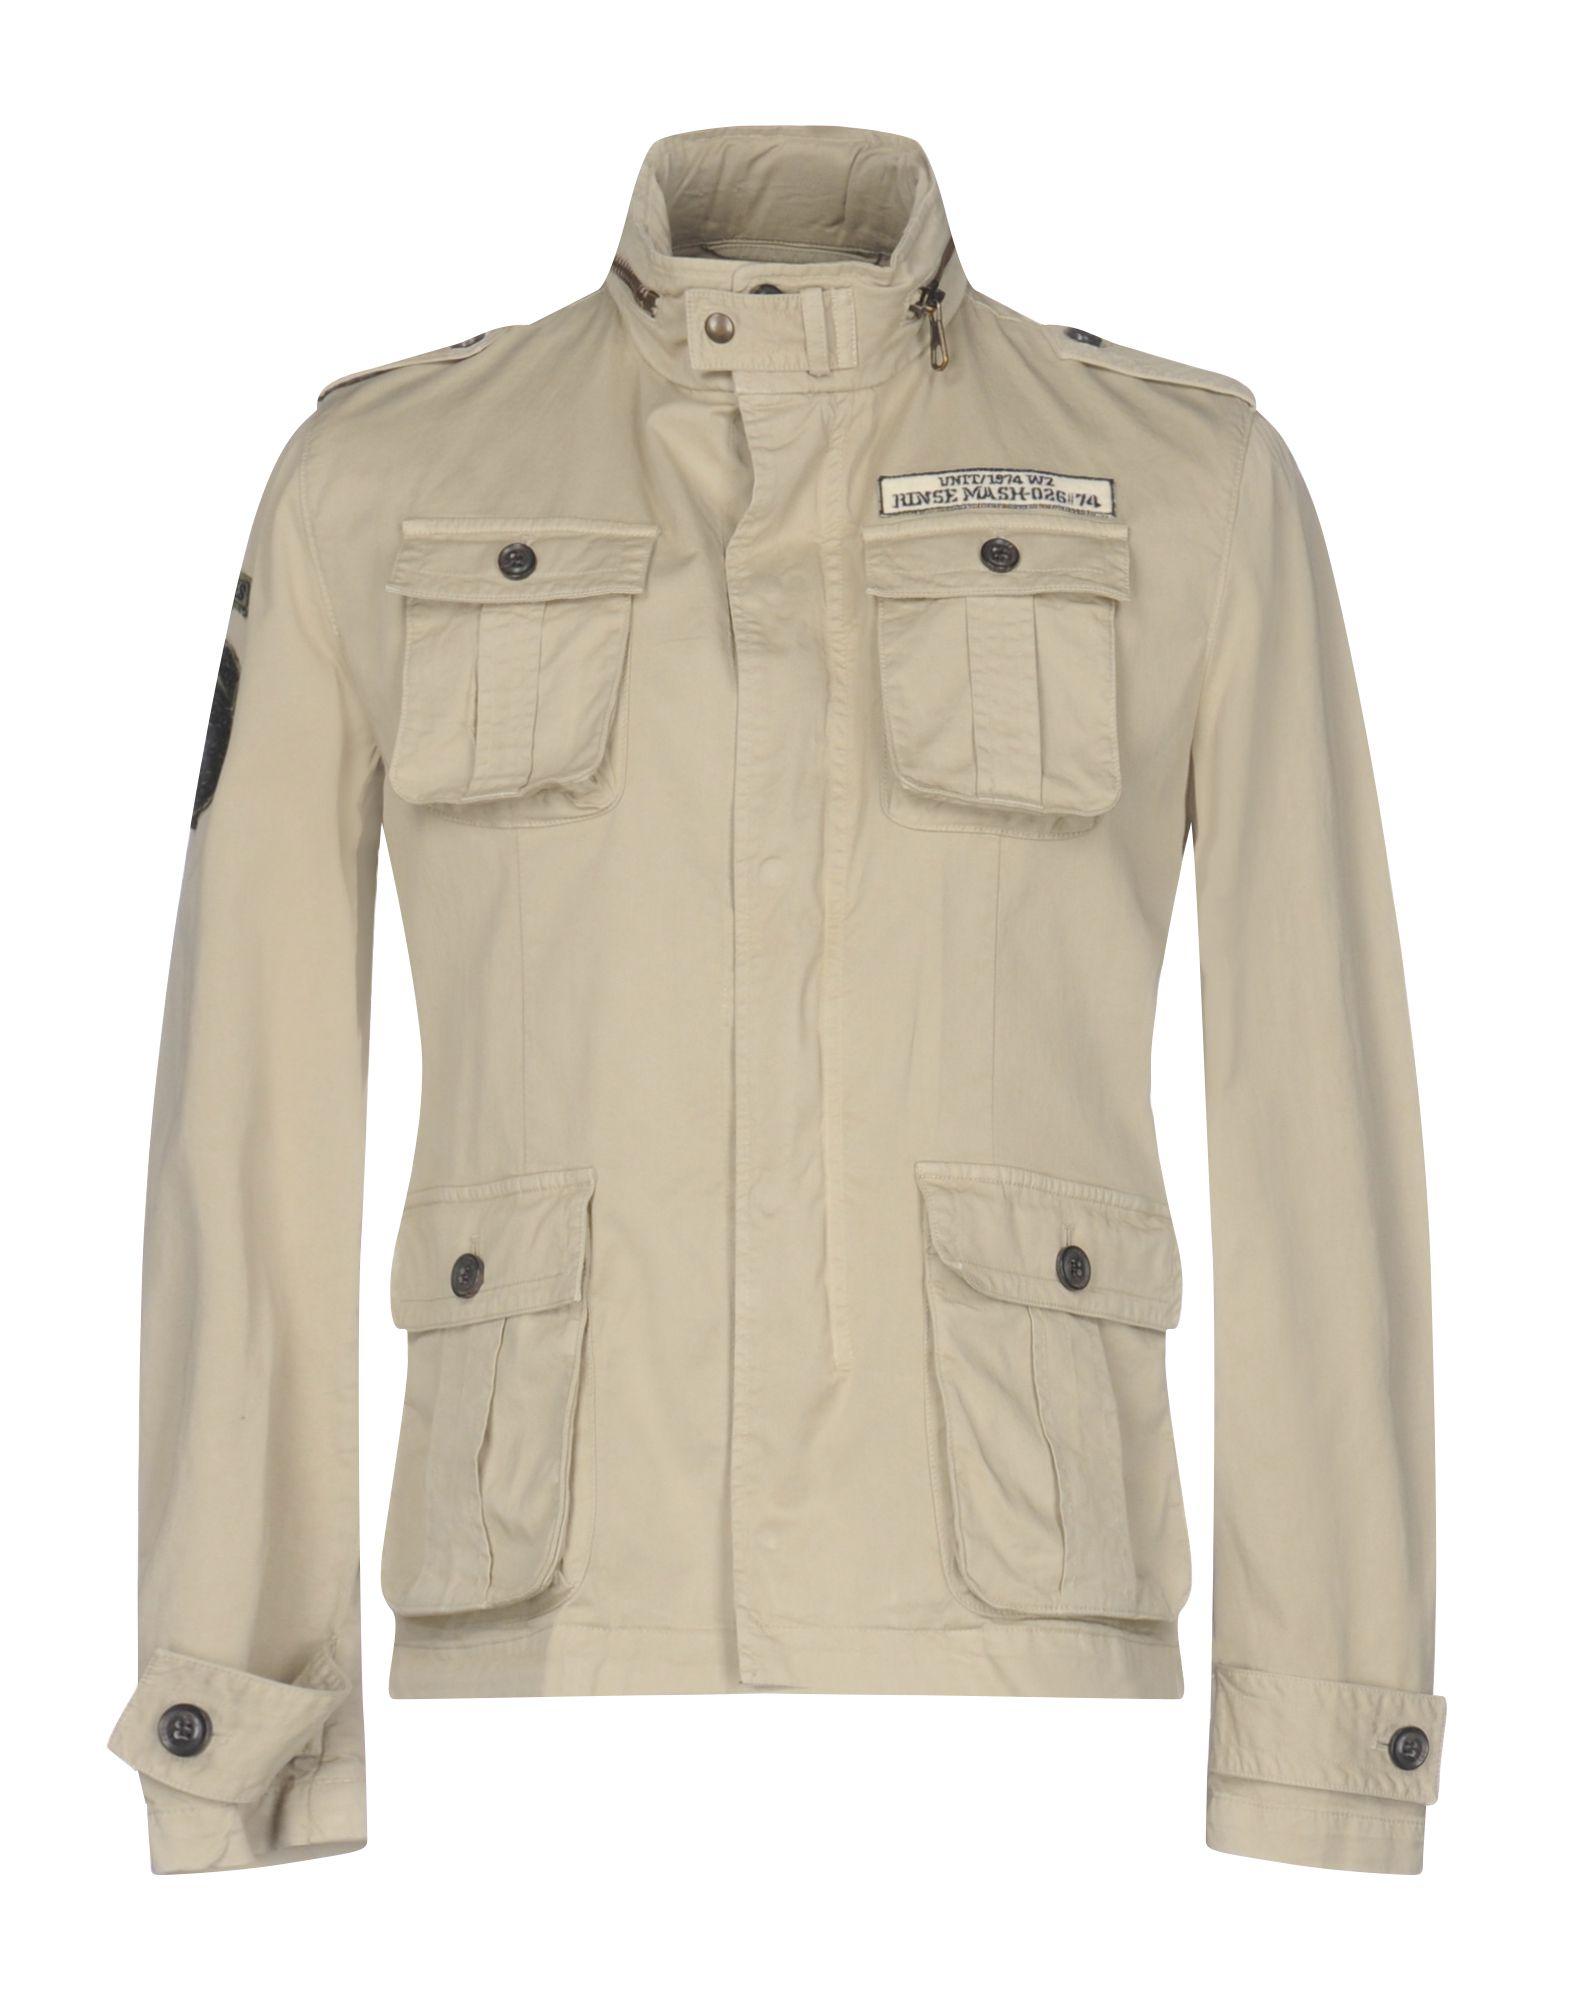 цены на STEFANO CALMONTE per BD Куртка в интернет-магазинах